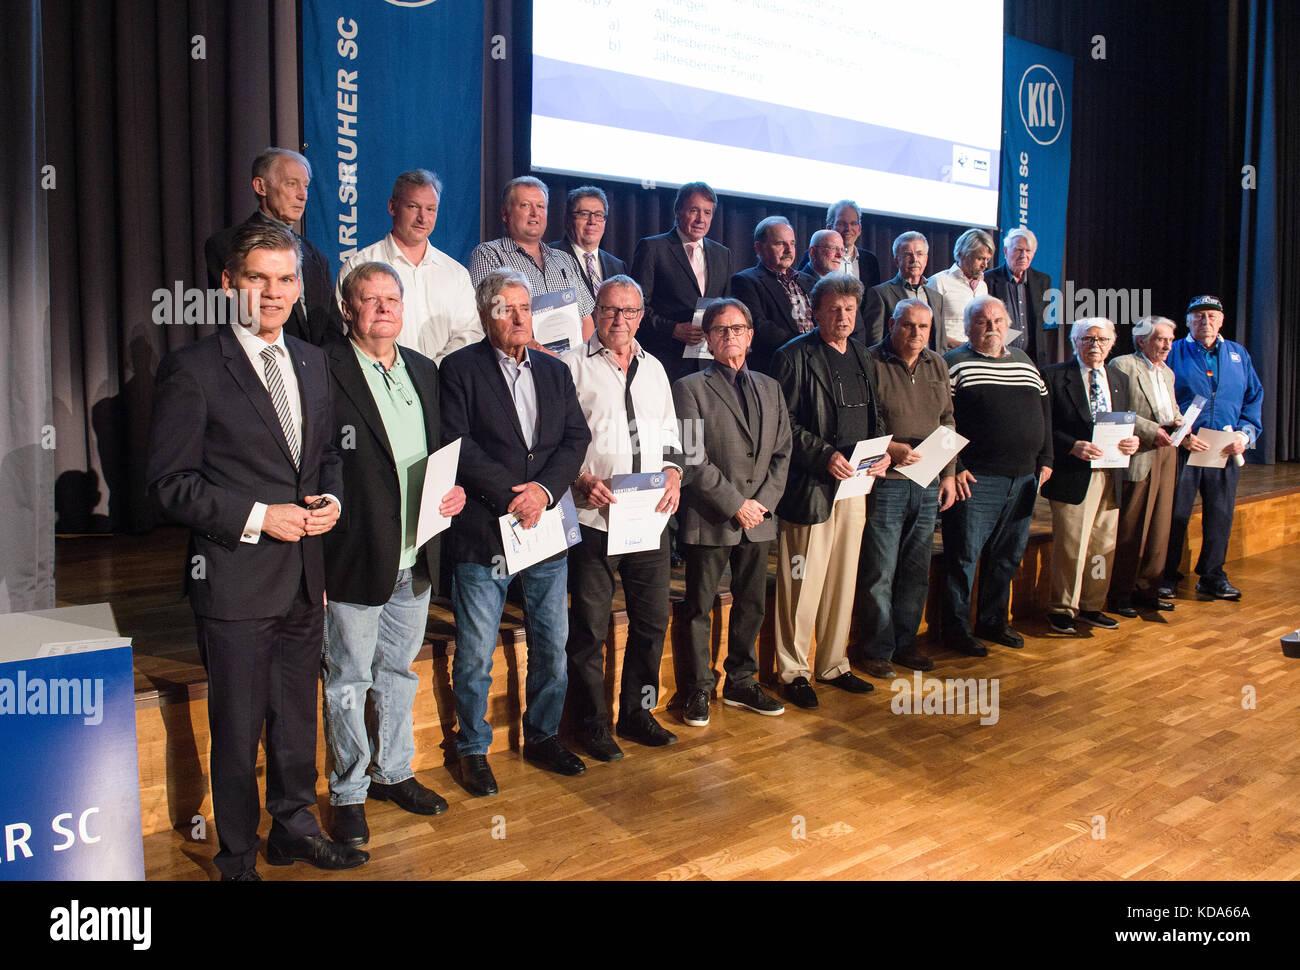 Ehrungen der langjaehrigen KSC-Mitglieder.  GES/ Fussball/ 3. Liga: Karlsruher SC/ Ordentliche Mitgliederversammlung, - Stock Image